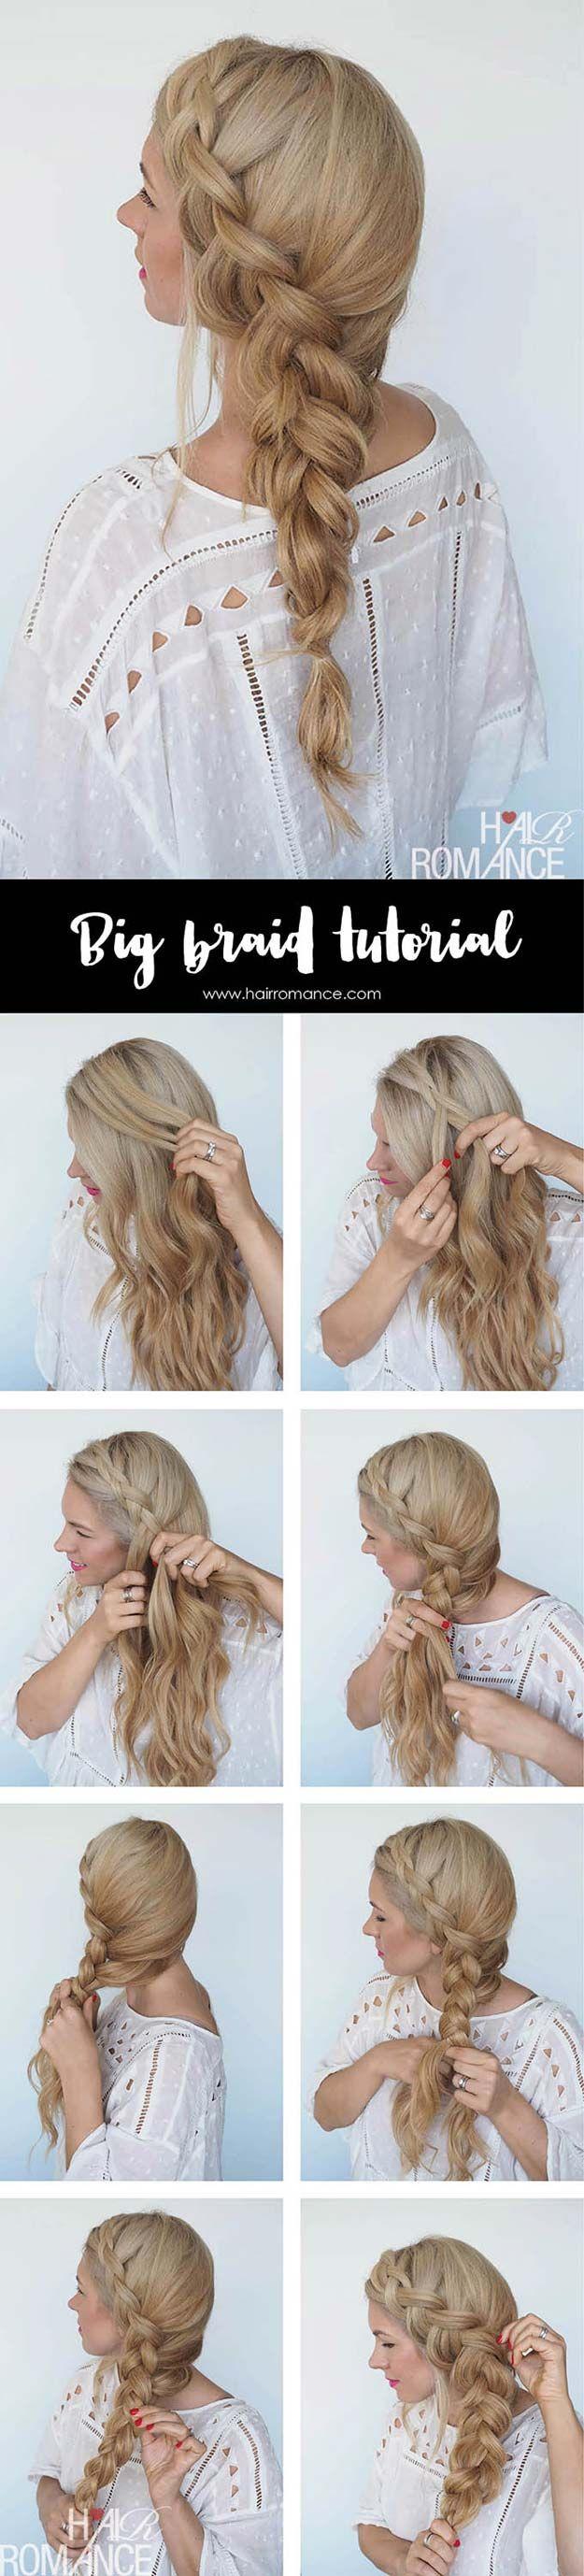 40 of the best cute hair braiding tutorials | hair | long